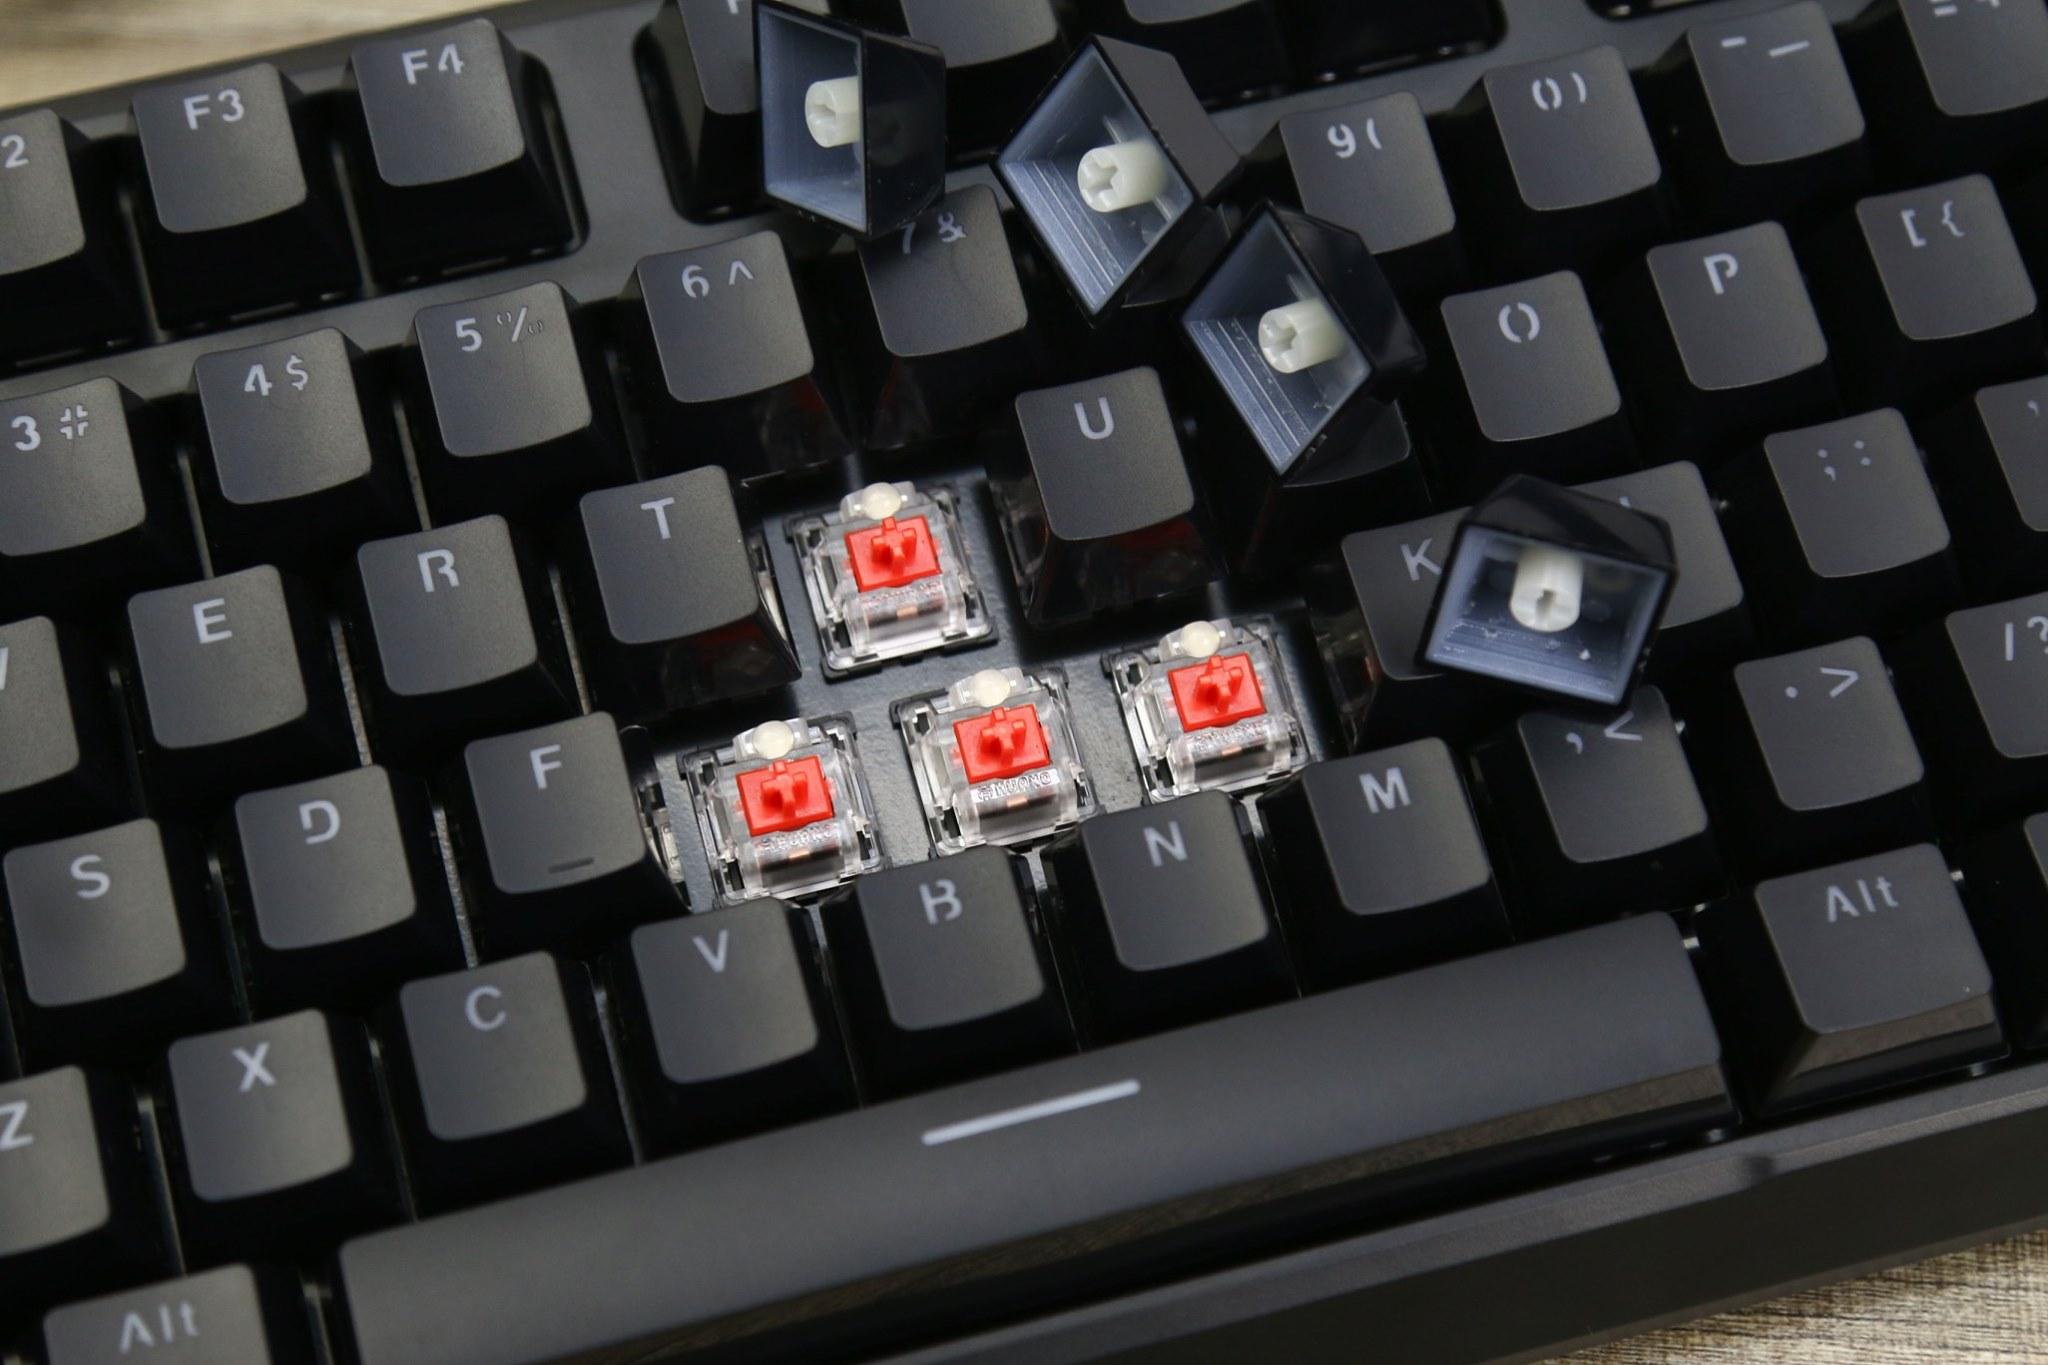 Bàn phím cơ Fuhlen M87s RGB switch Red - Hàng chính hãng